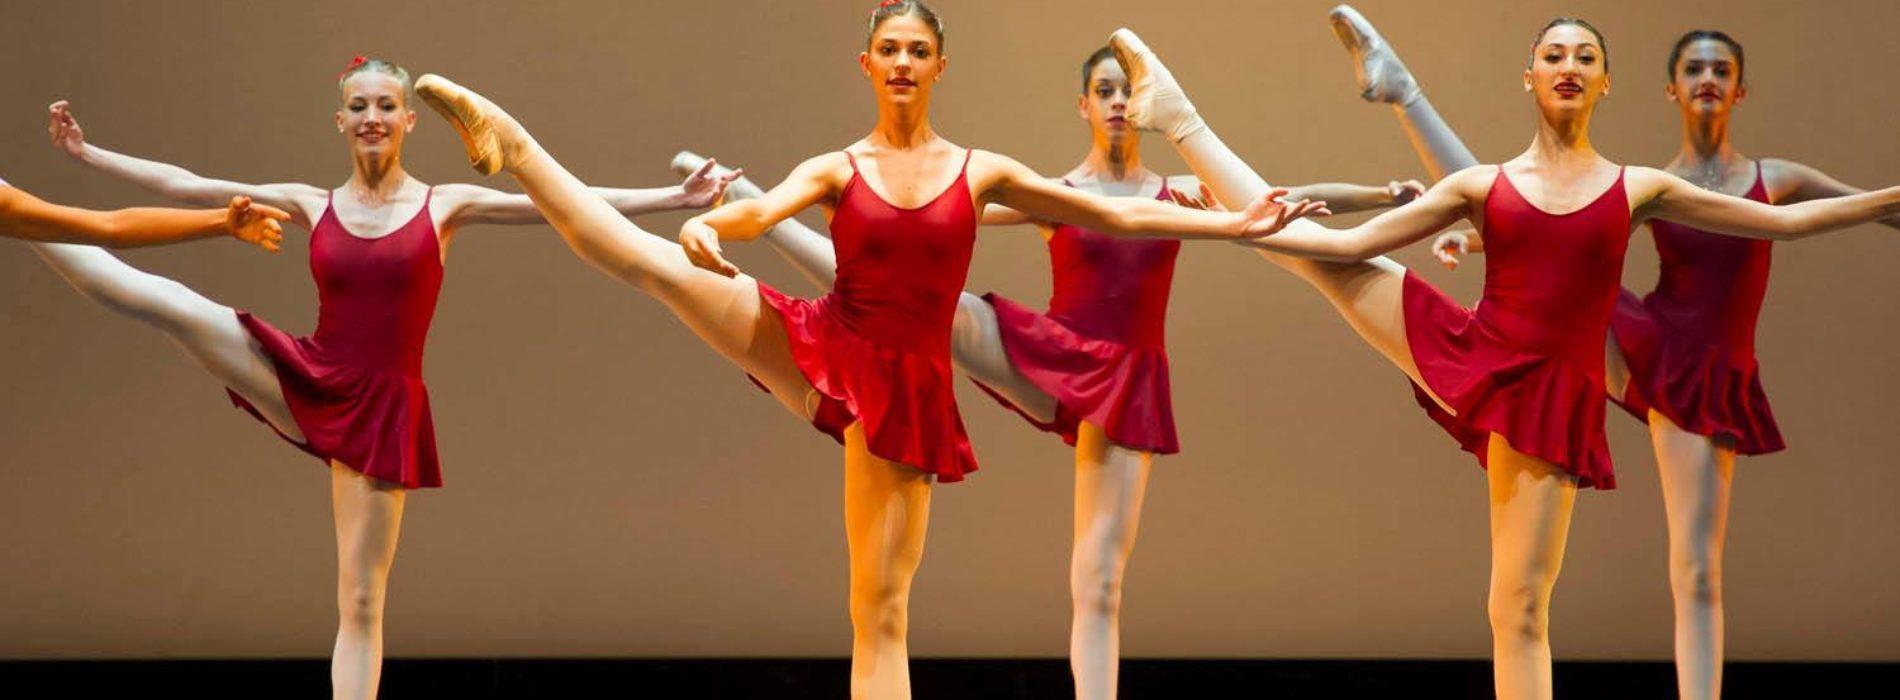 Scuole di danza a Napoli: ecco alcune delle migliori